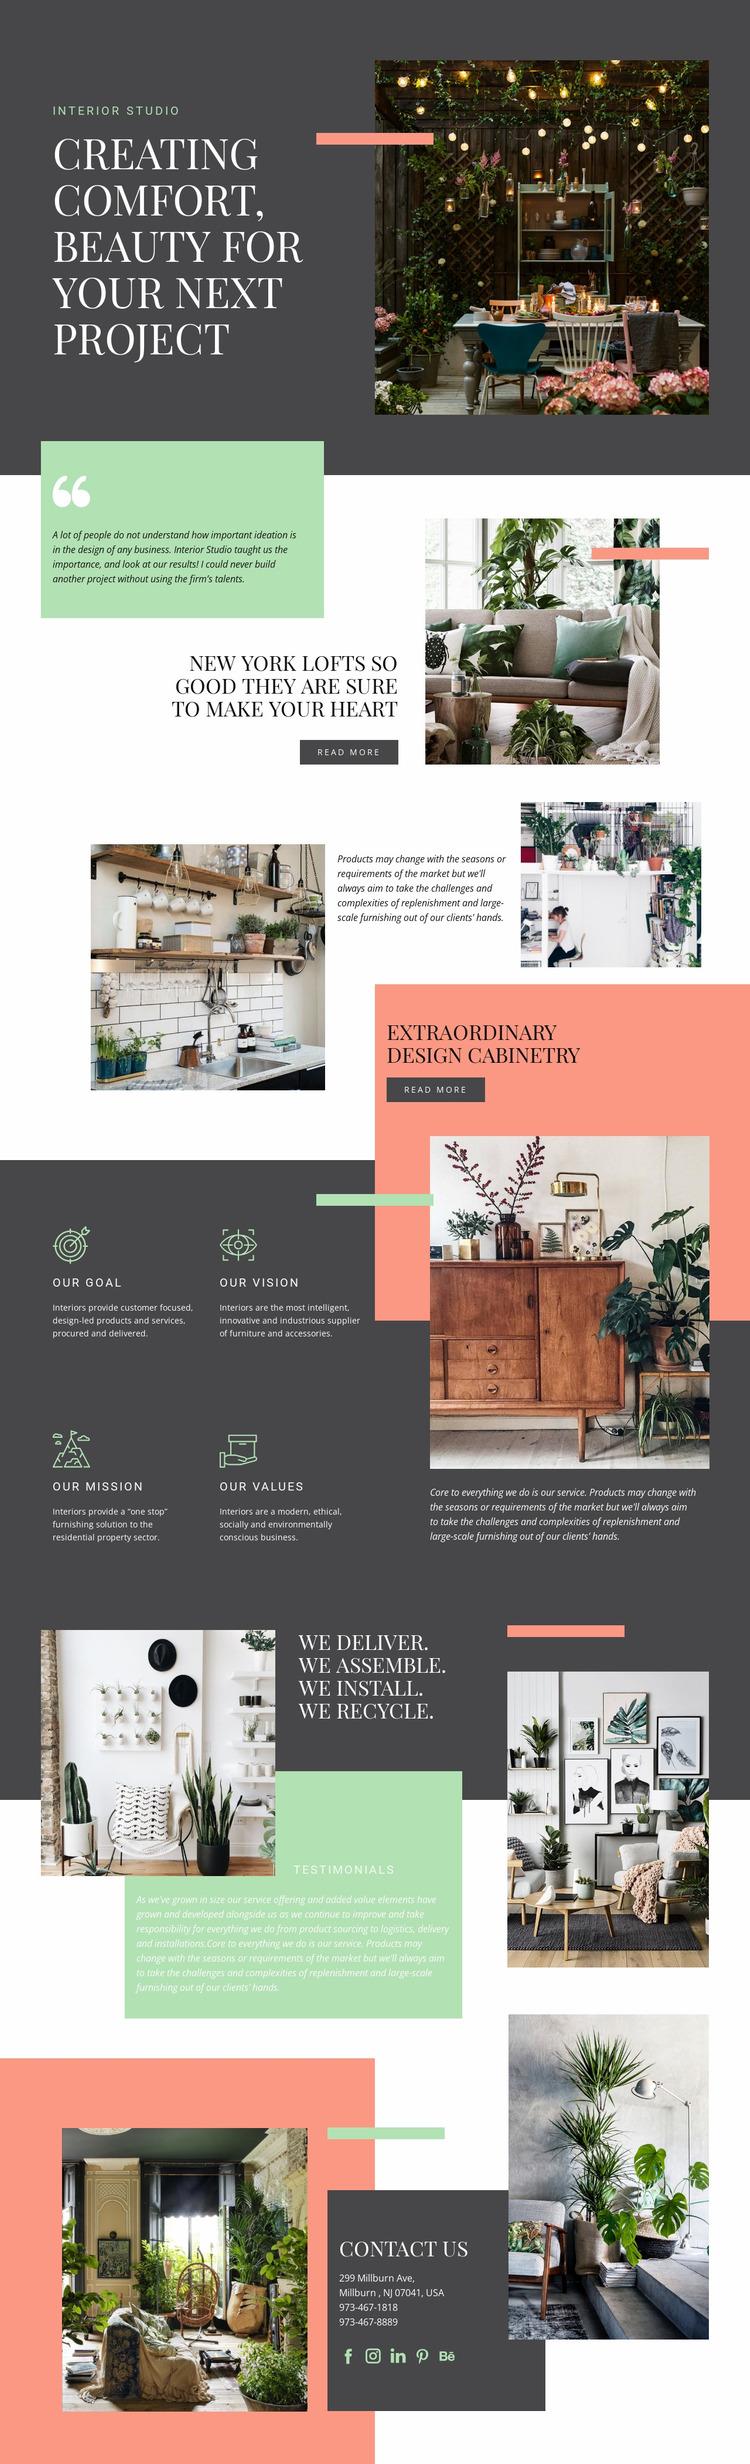 Comfort in your home Website Mockup